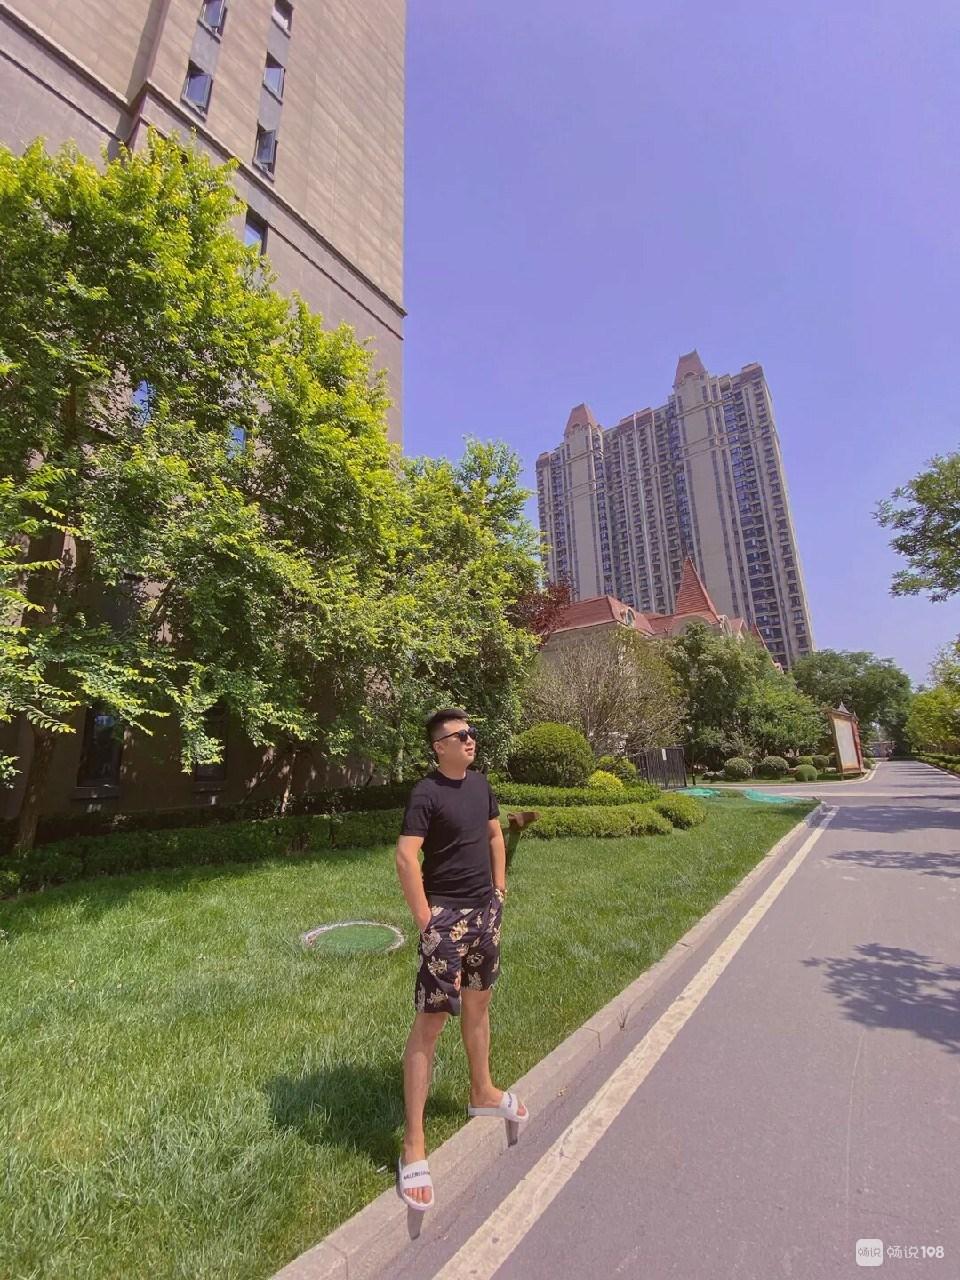 德清小伙想找温柔体贴的她!做酒店投资生意 上海有栋别墅